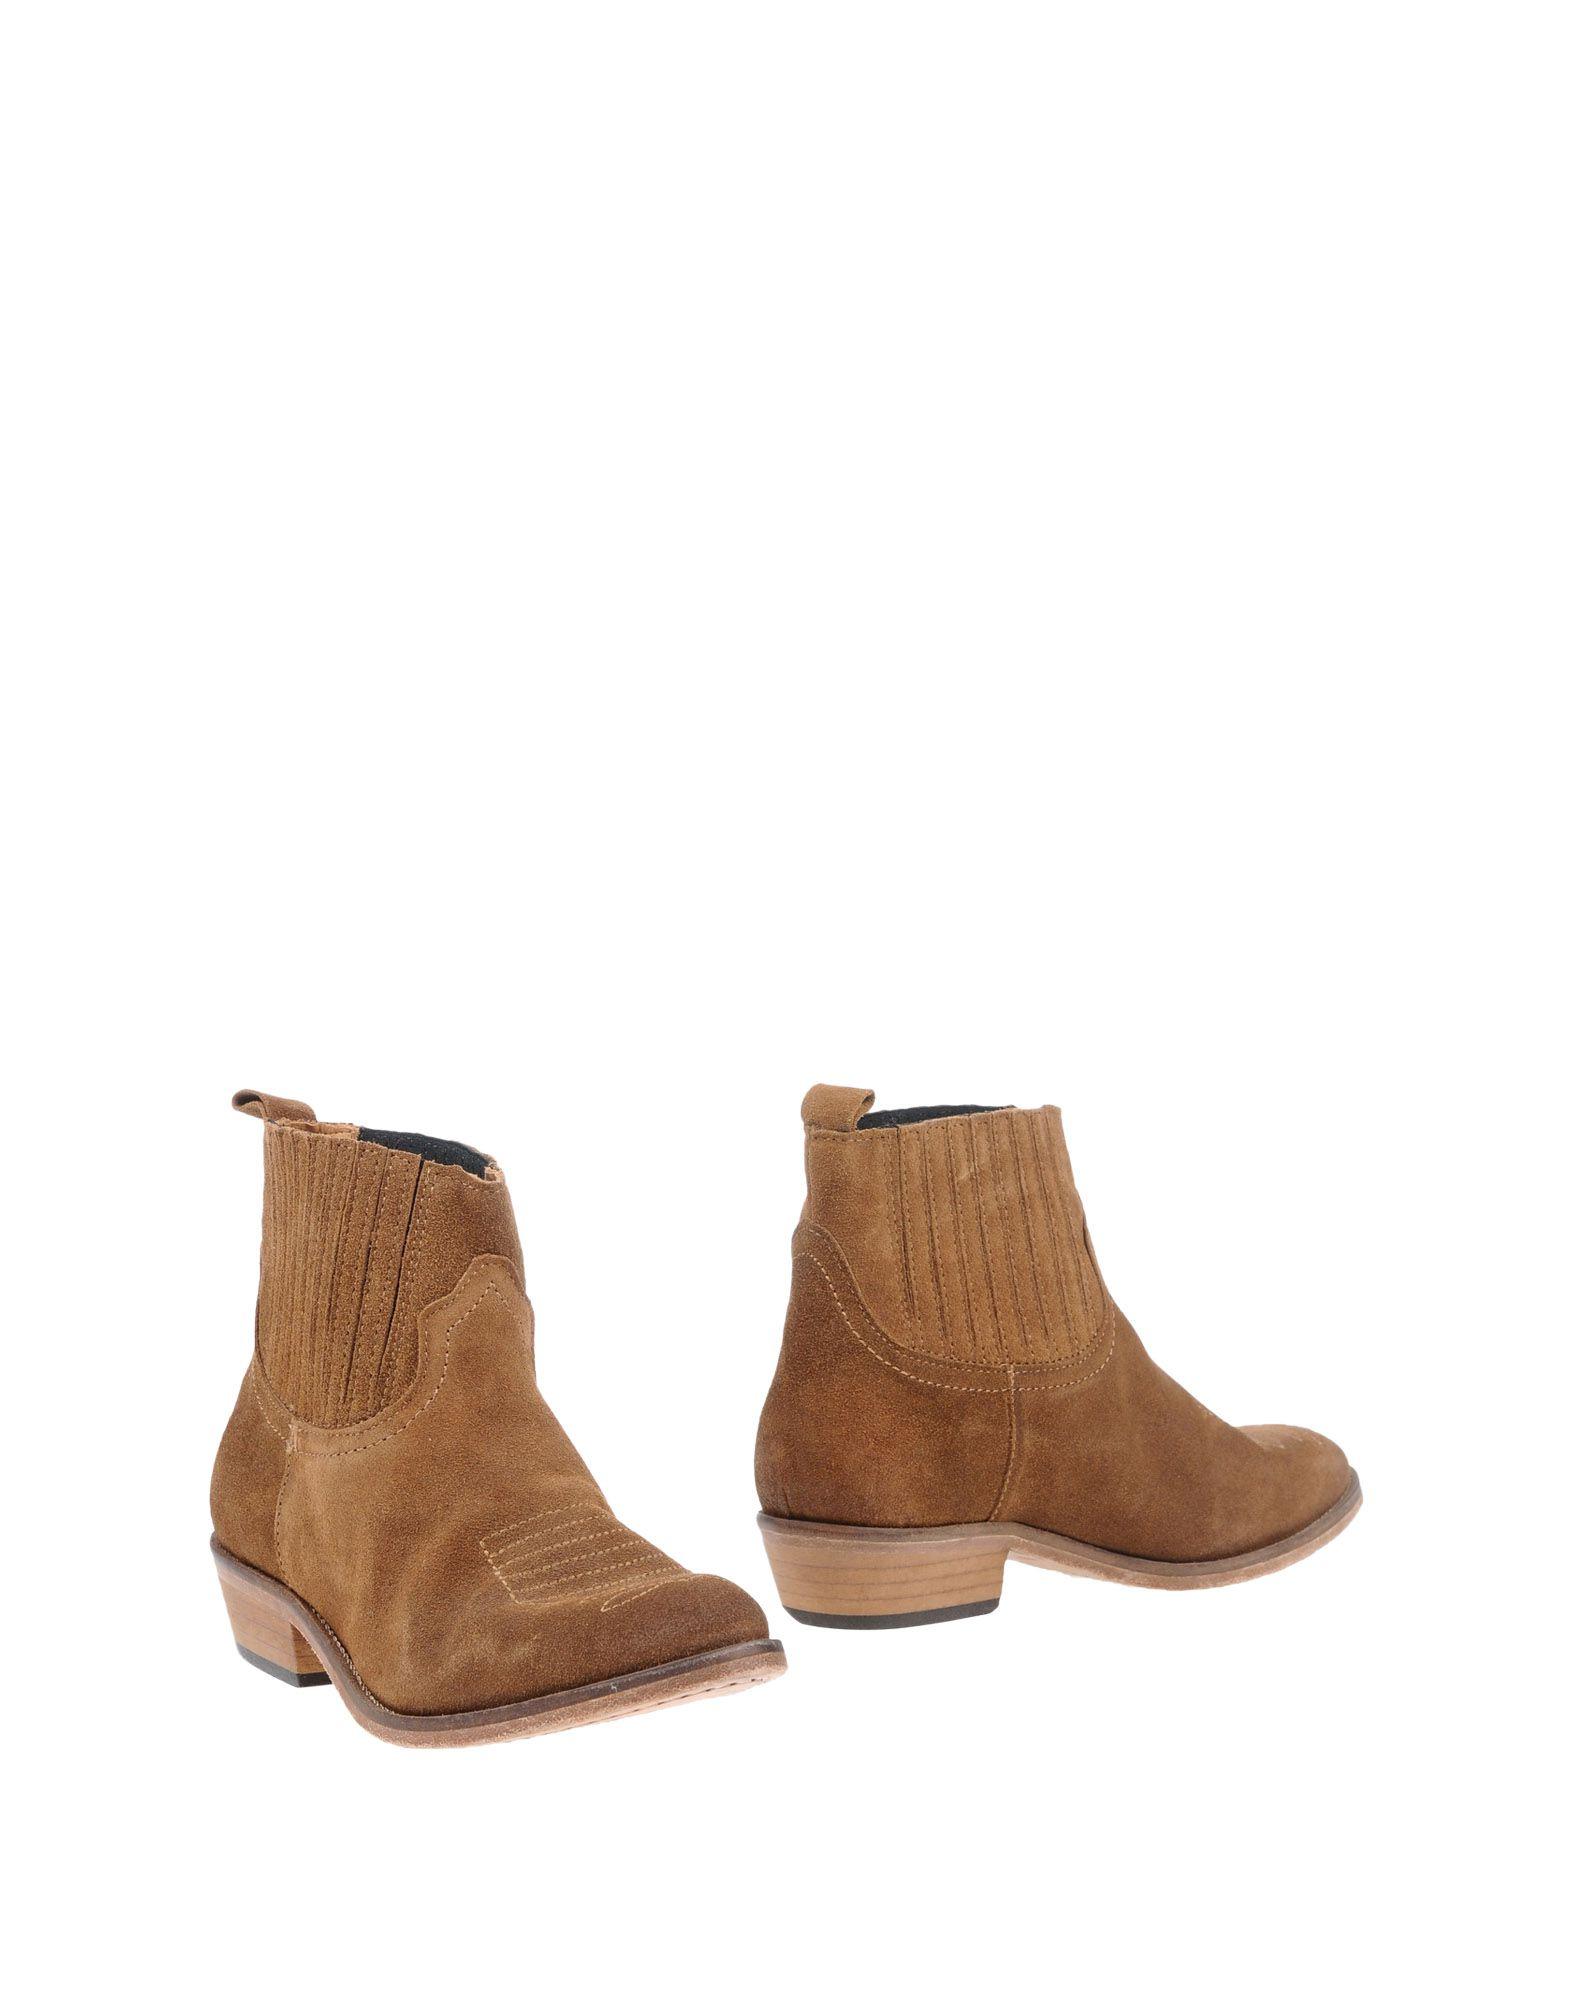 CATARINA MARTINS Полусапоги и высокие ботинки купить футбольную форму челси торрес